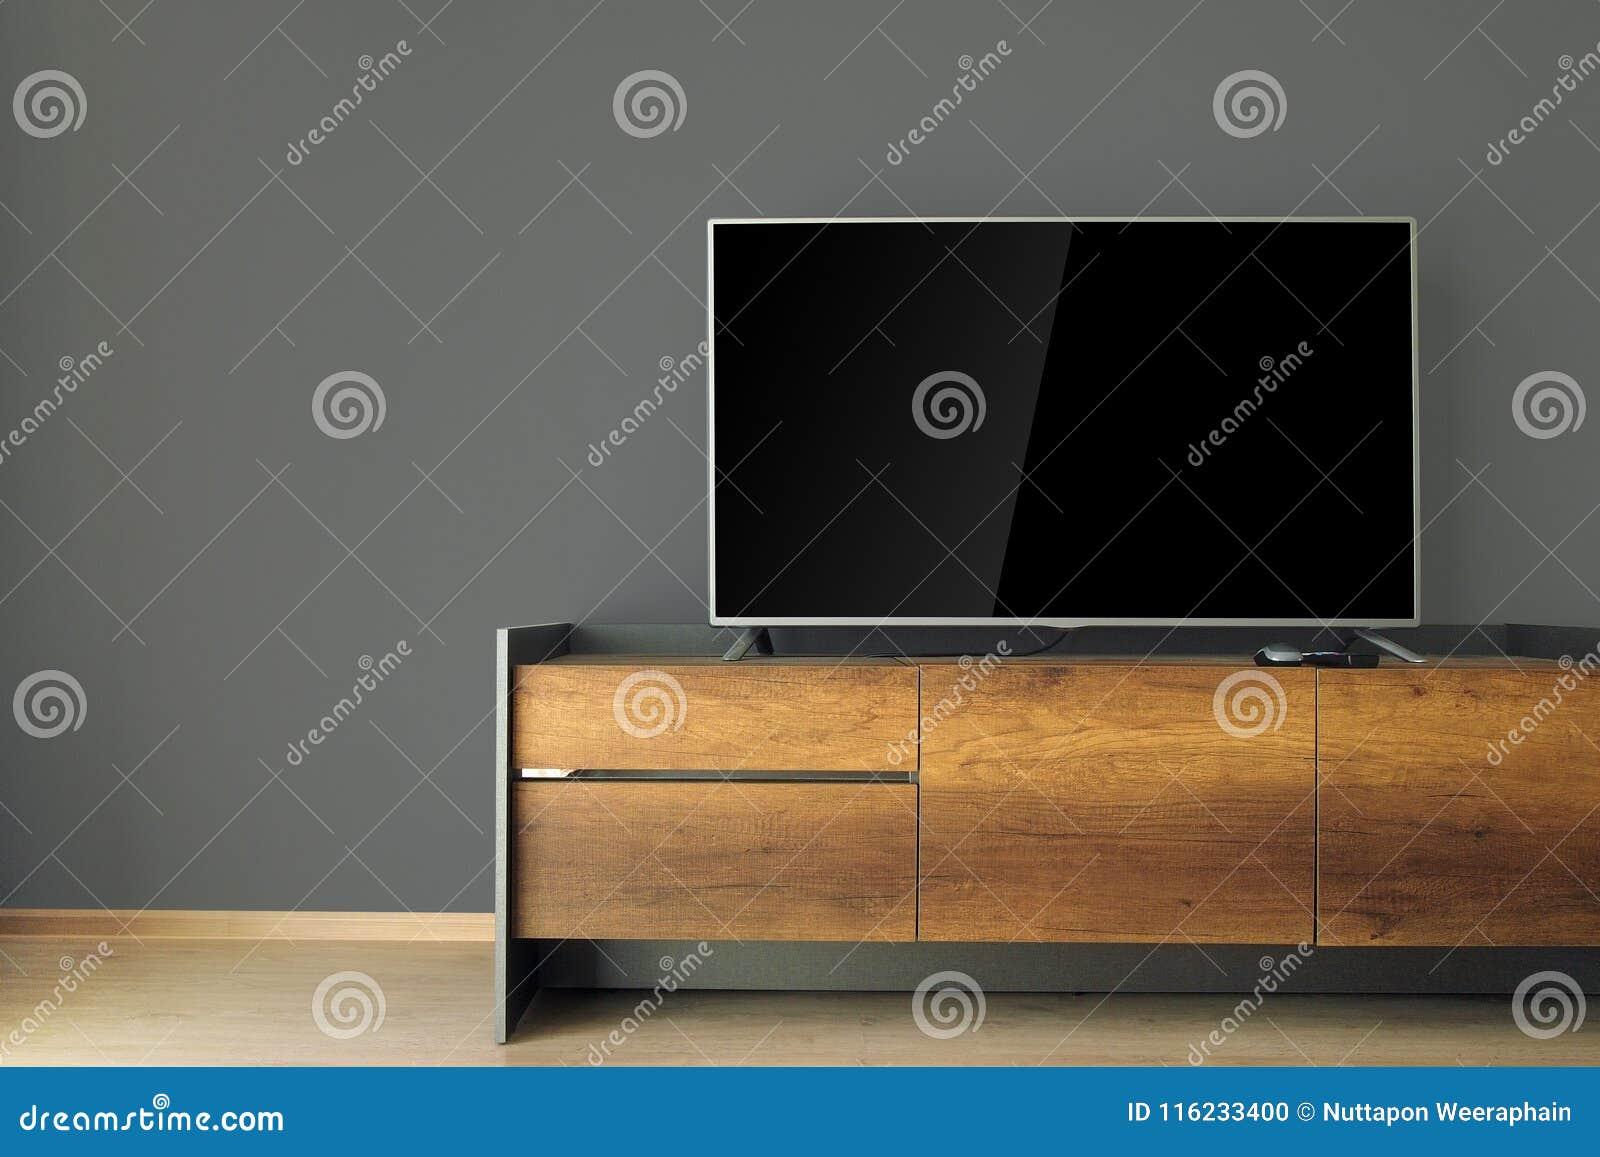 ТВ приведенное на стойке ТВ с черной стеной